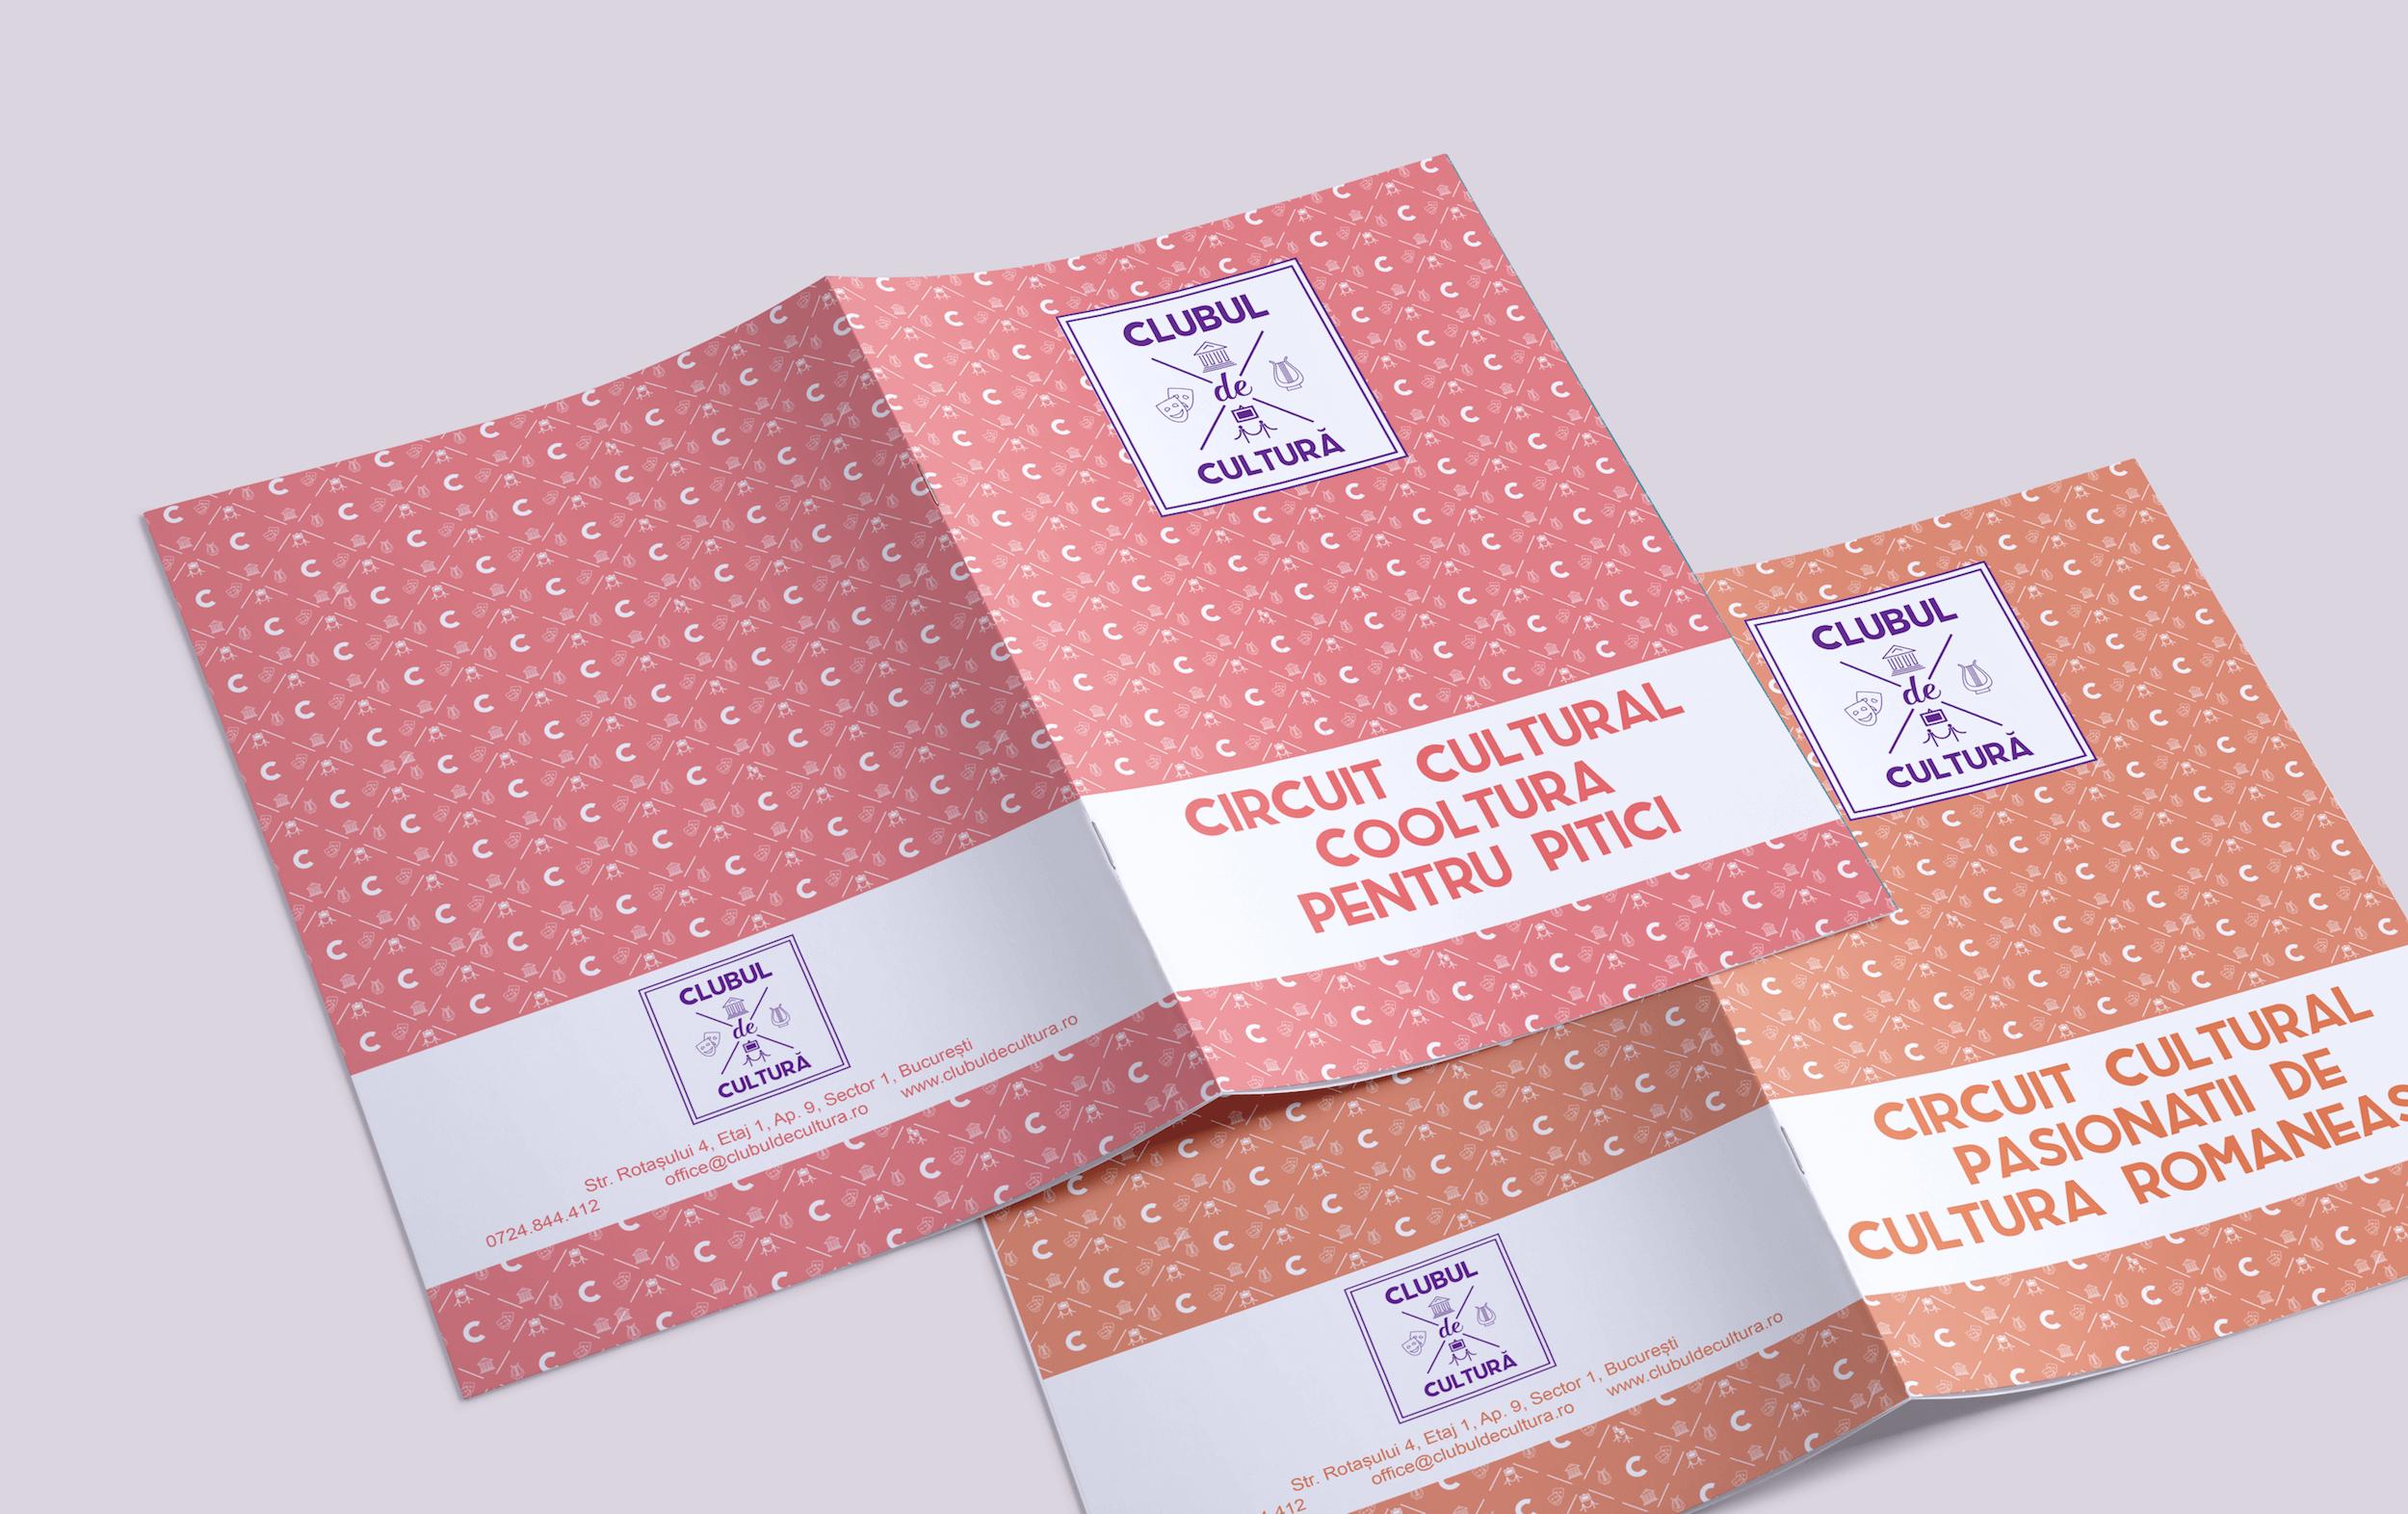 Clubul de cultura folder close up